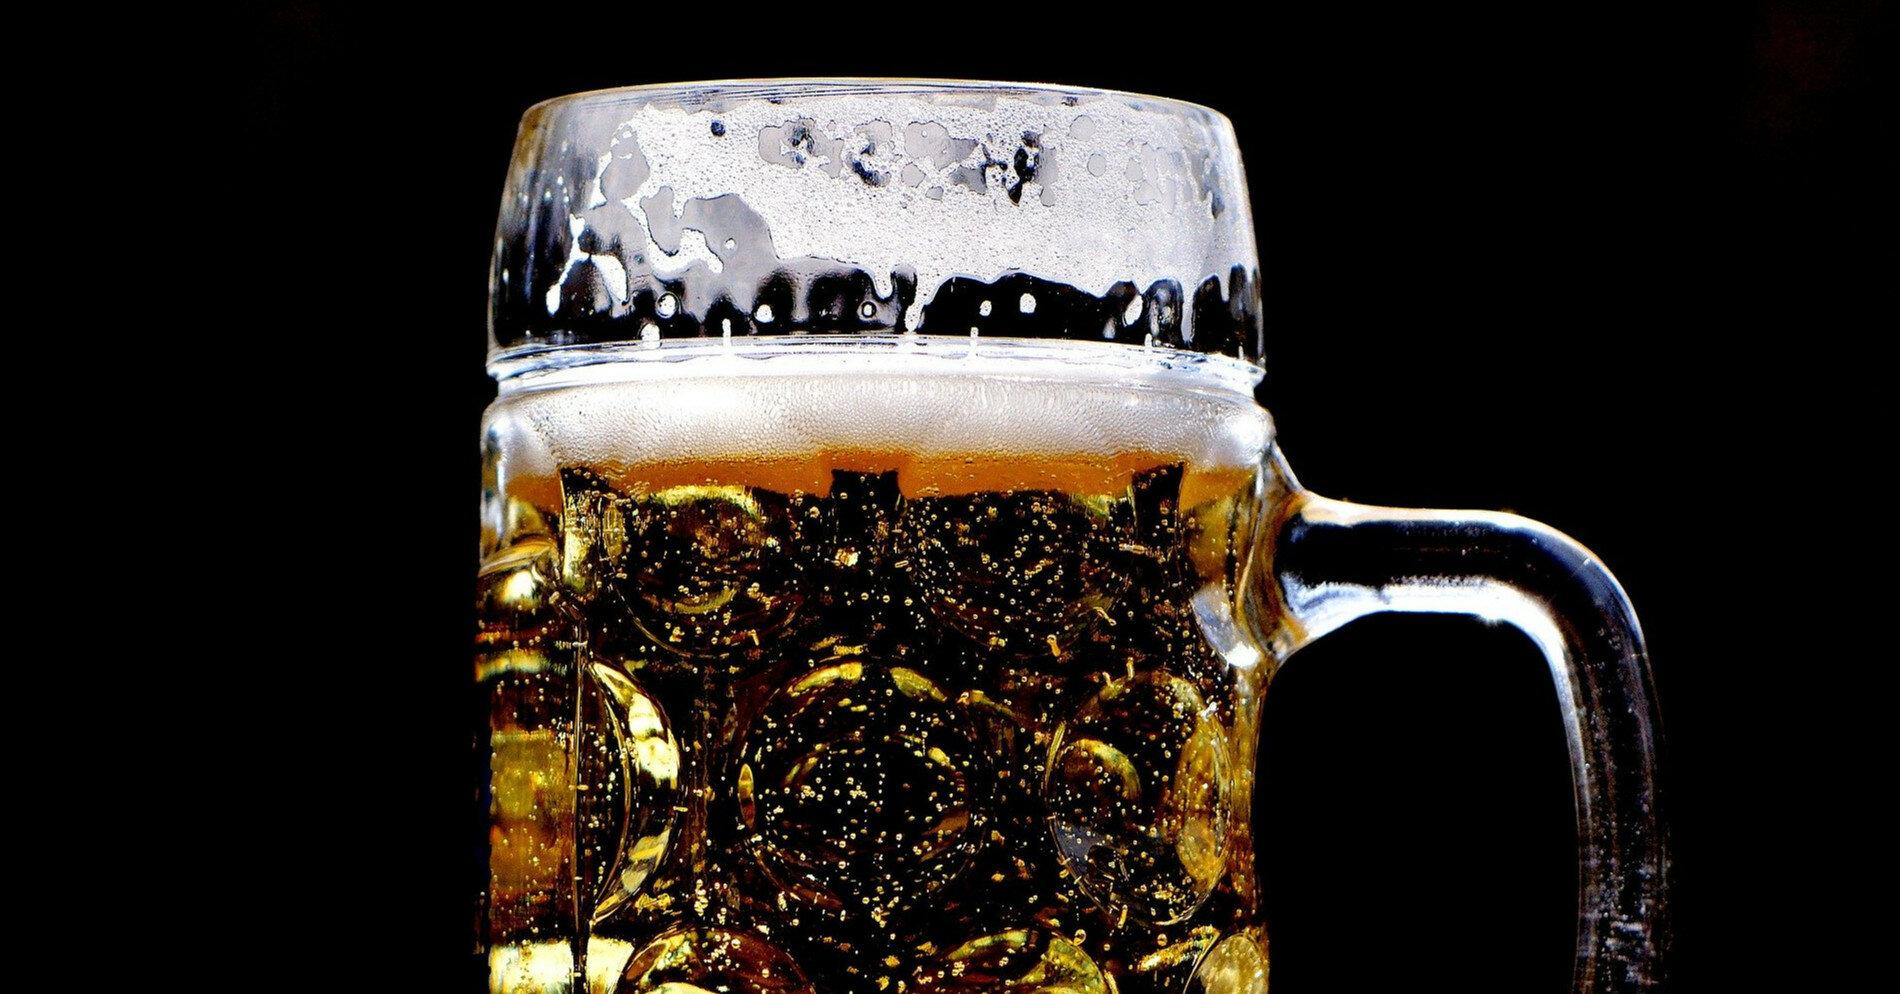 Врач рассказал, что произойдет с организмом, если часто пить пиво